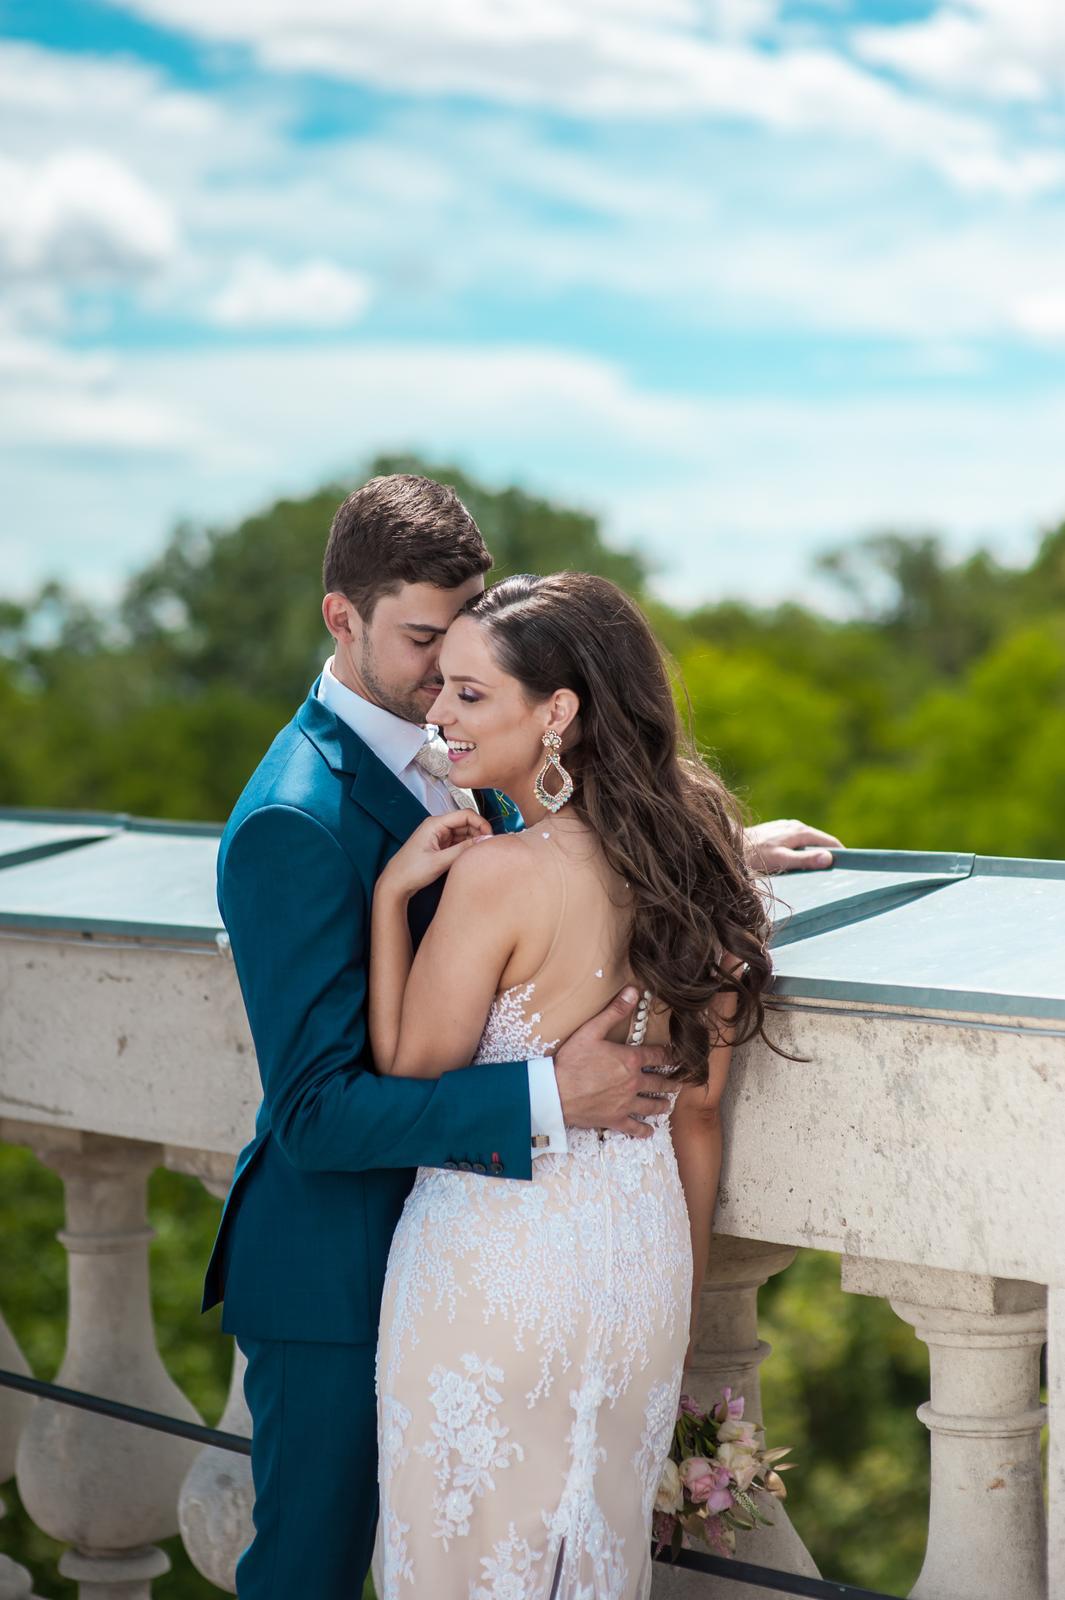 Wedding ♥ - Obrázek č. 38